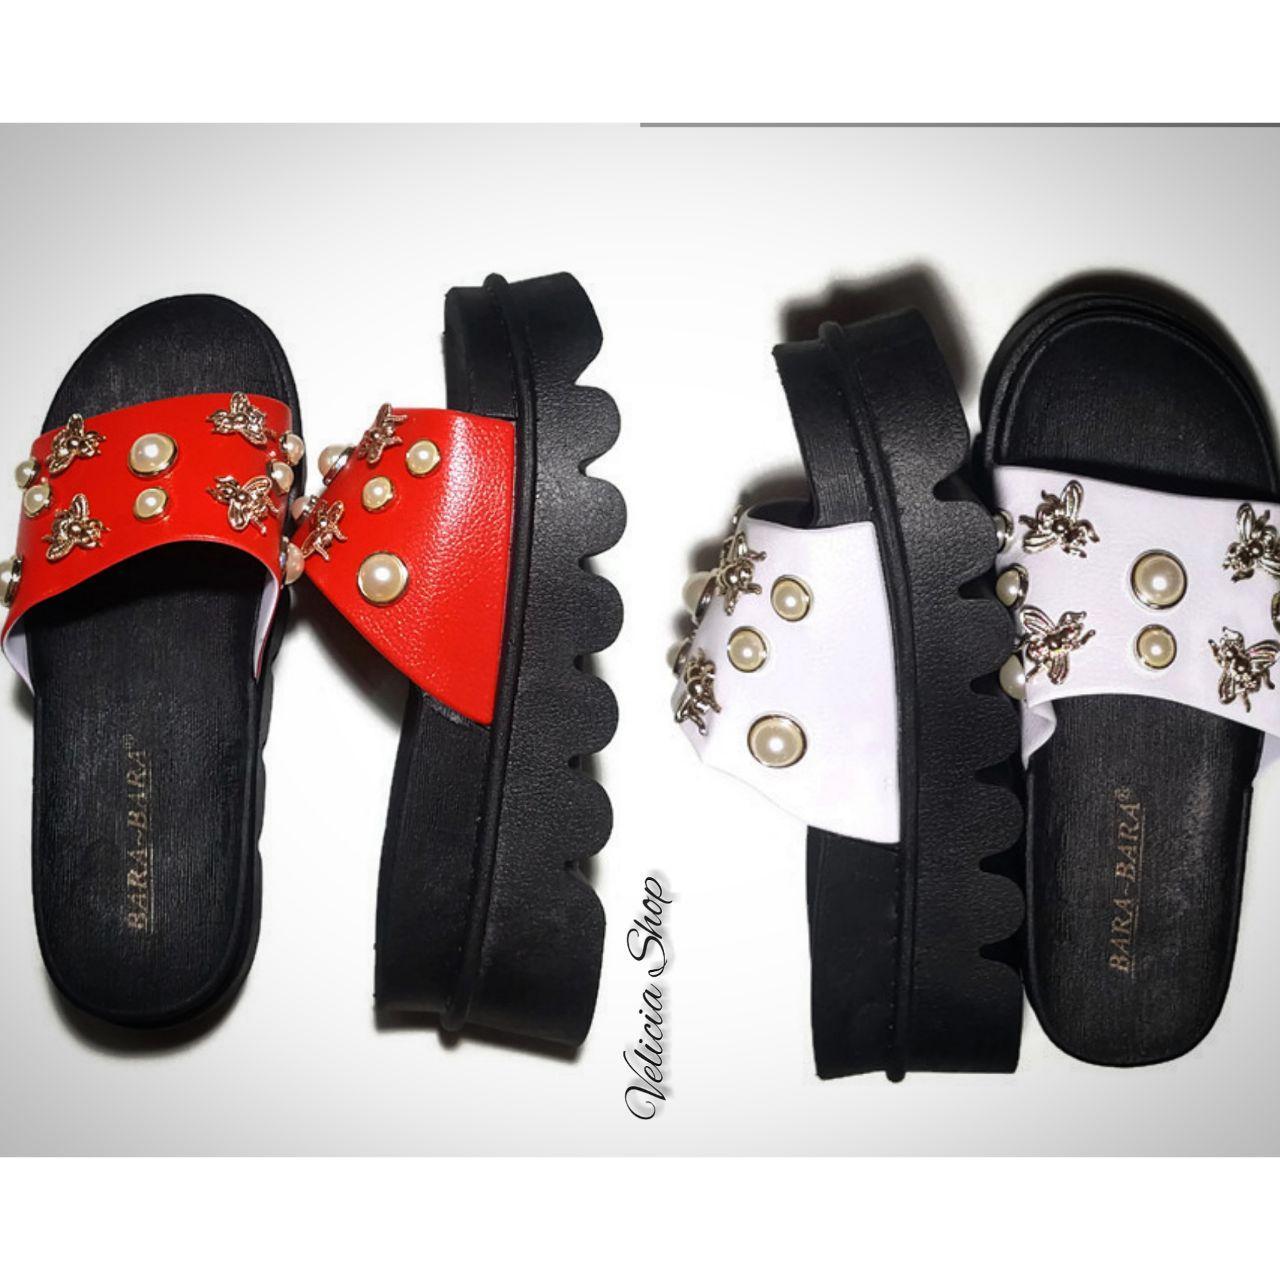 Jelly Shoes - Sandal Flip Flop Wanita - Sandal Selop - Sandal Jelly Bara Bara TM01